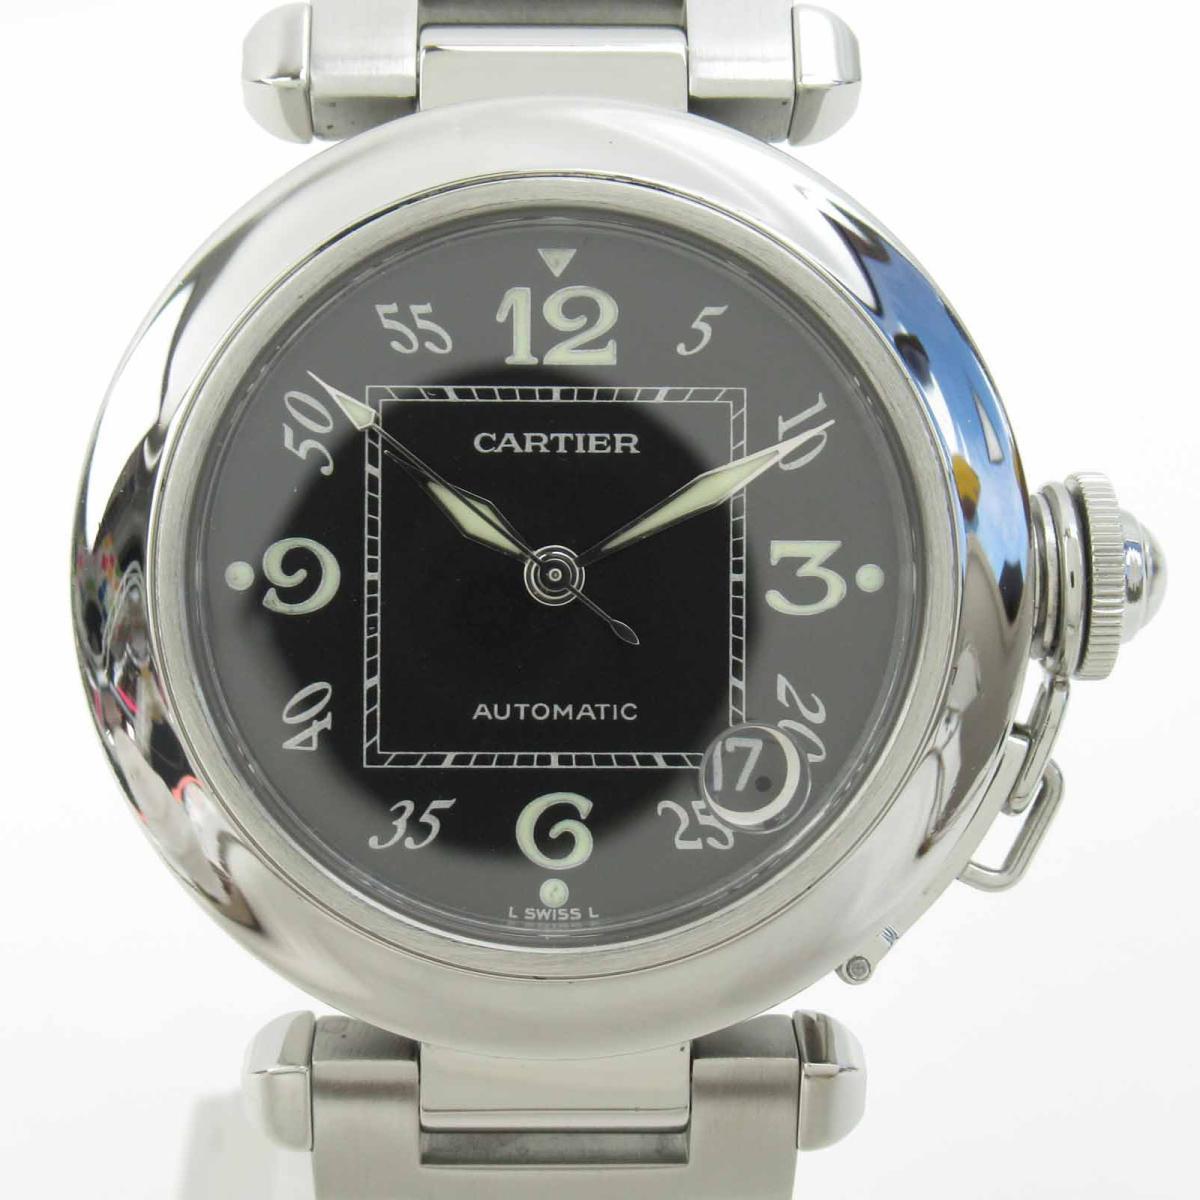 ≪期間限定≫メルマガ登録でクーポンGET! 【中古】 カルティエ パシャC ウォッチ 腕時計 メンズ ステンレススチール (SS) (W31043M7) | Cartier BRANDOFF ブランドオフ ブランド ブランド時計 ブランド腕時計 時計